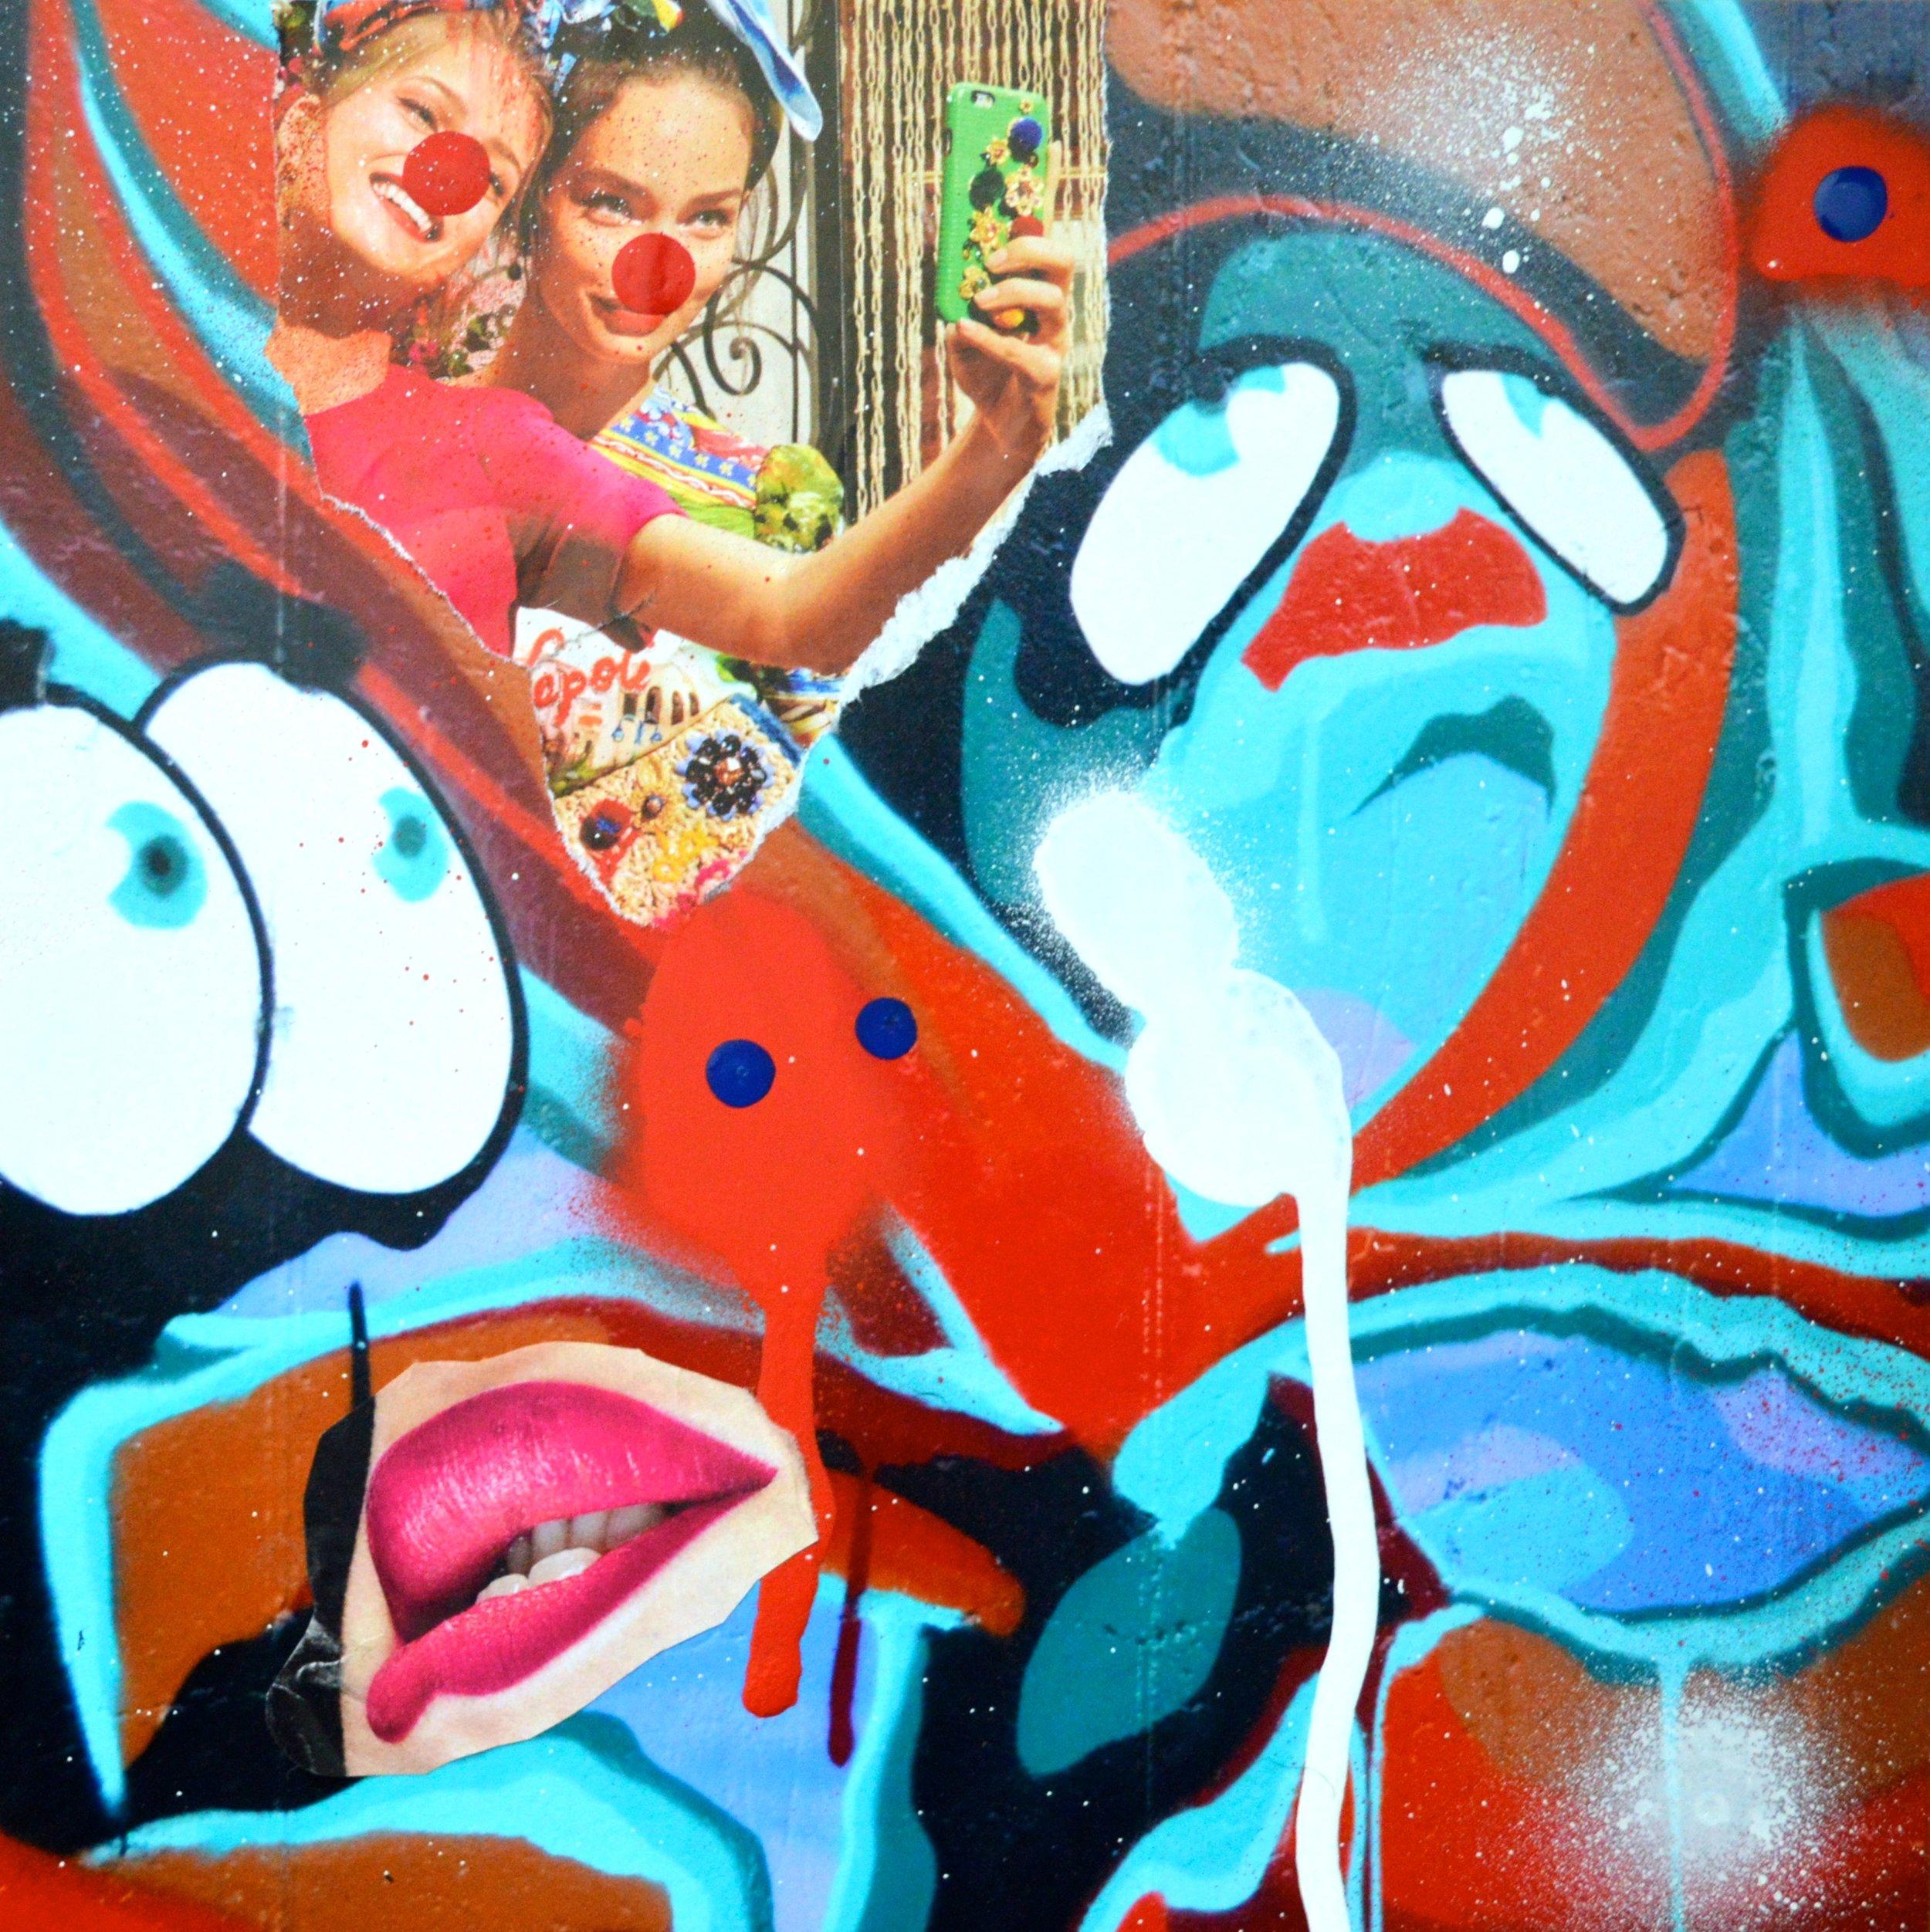 Selfie Clowns